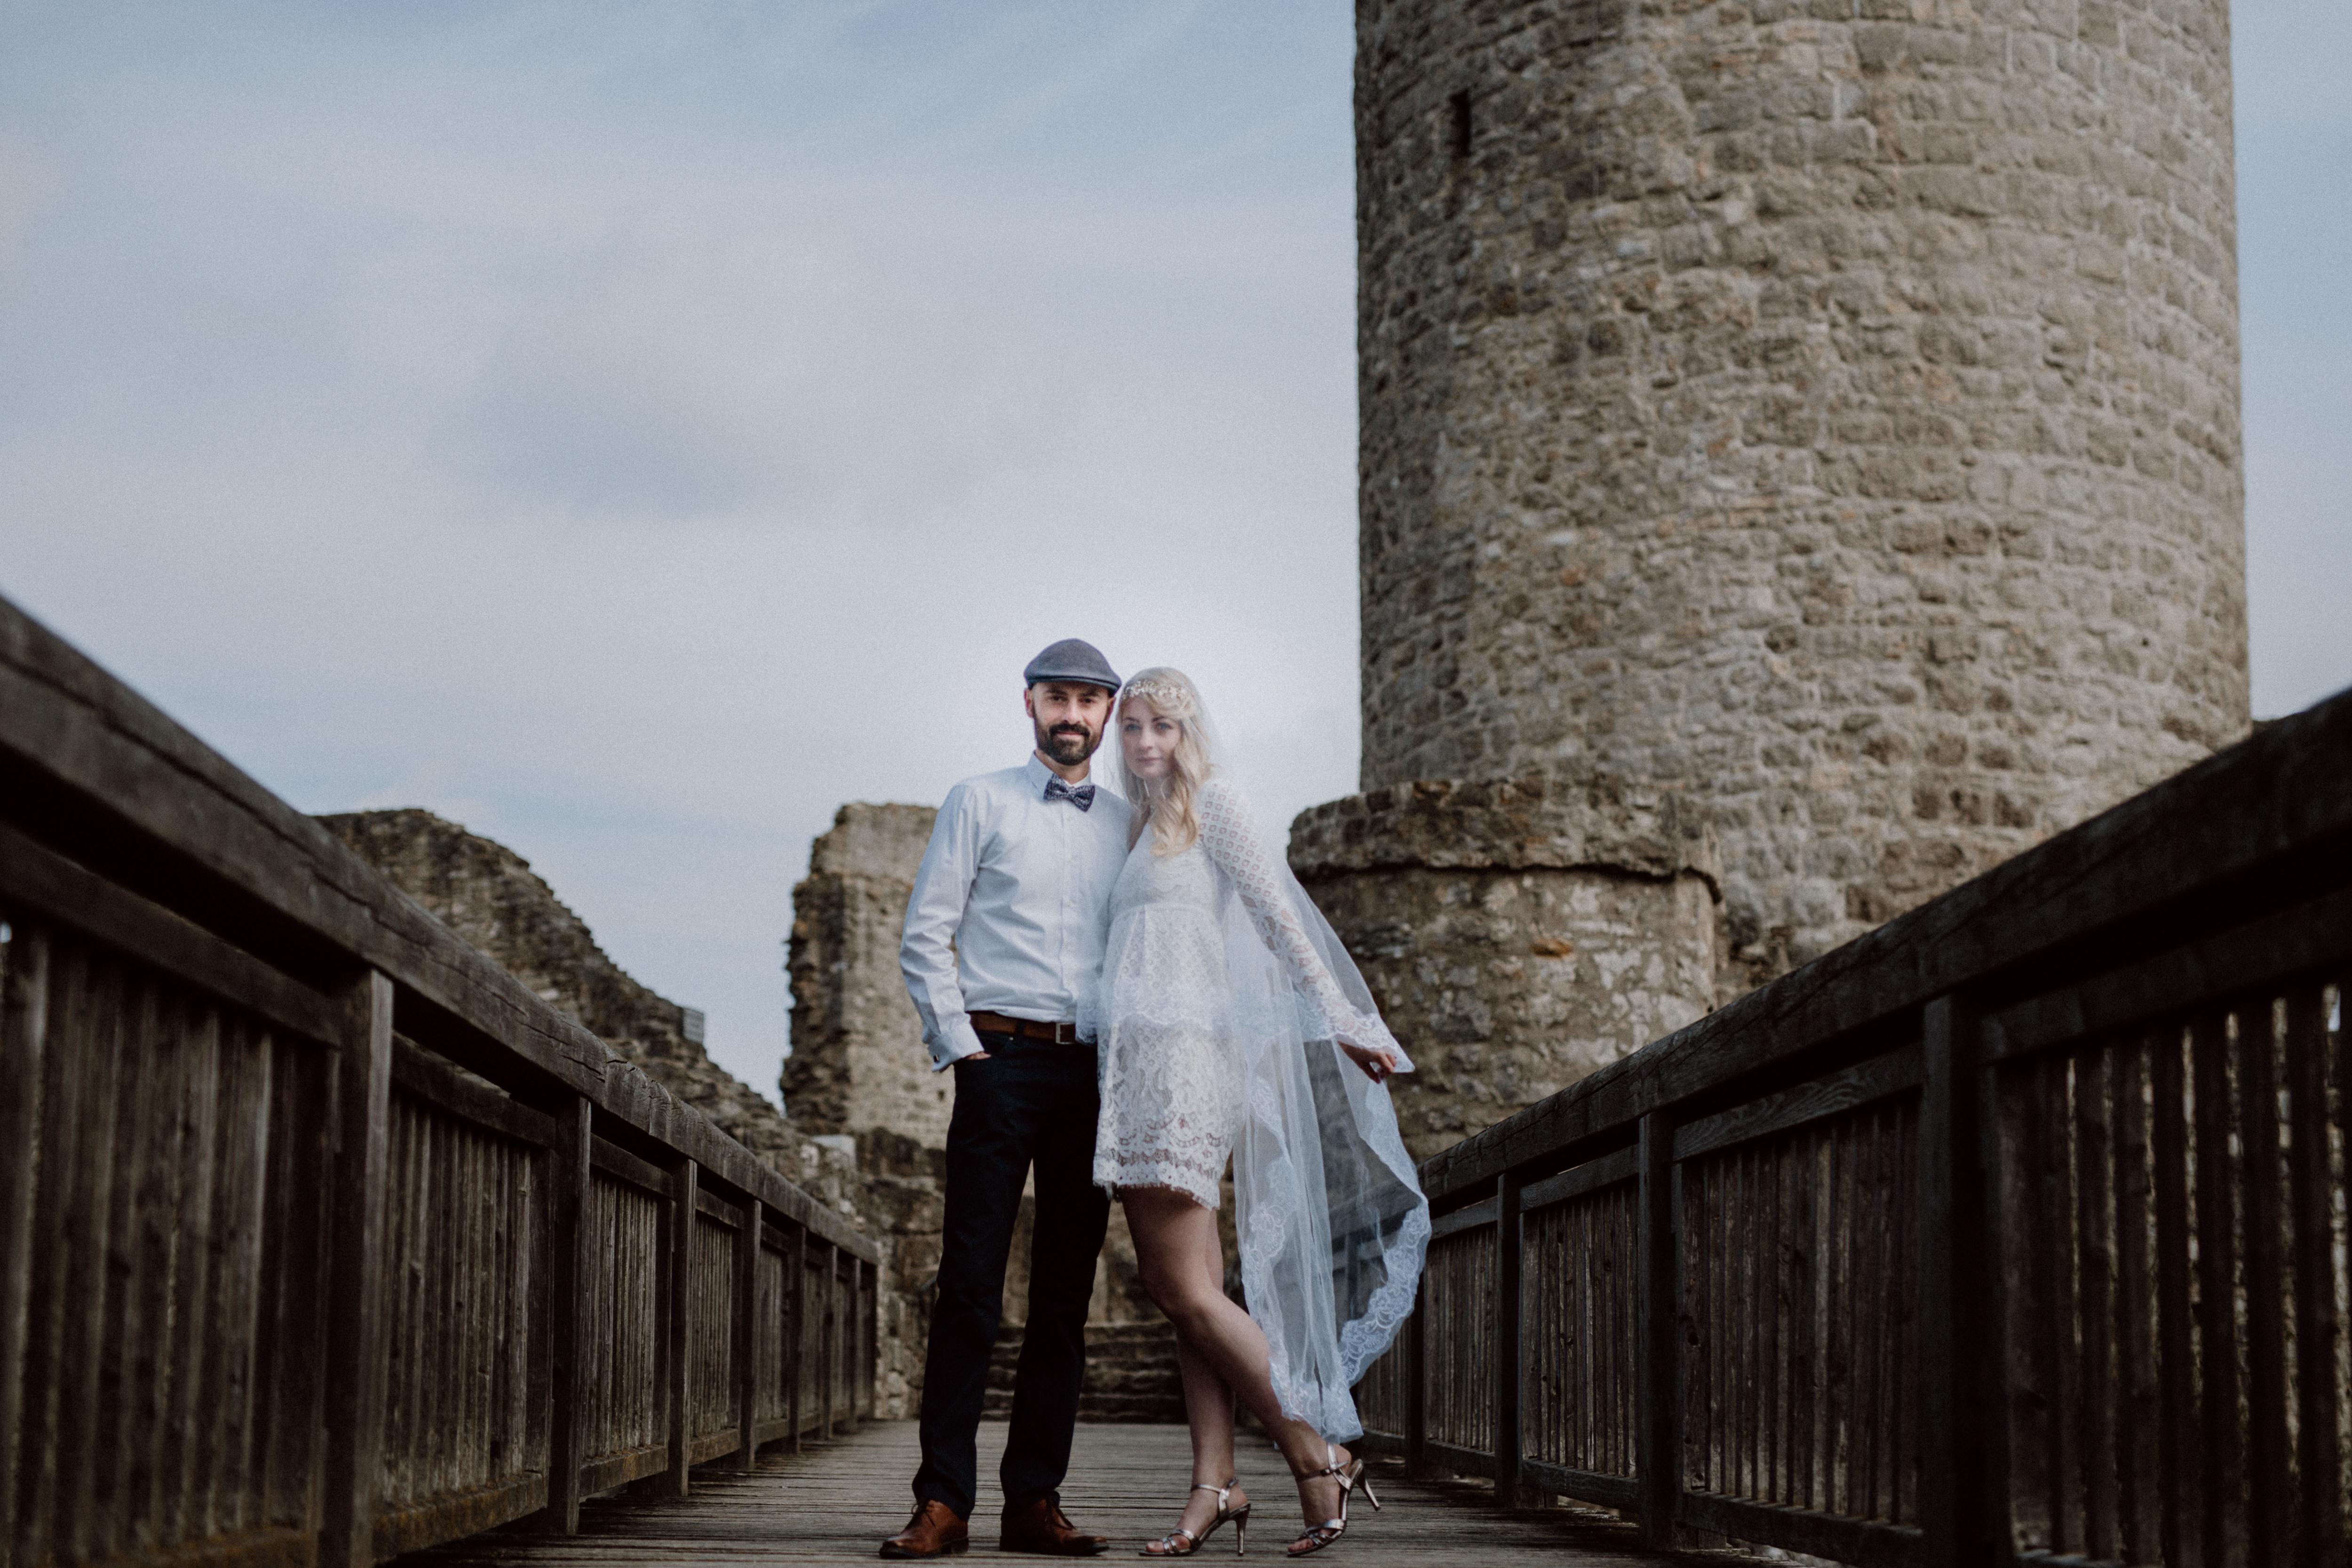 URBANERIE_Daniela_Goth_Hochzeitsfotografin_Nürnberg_Fürth_Erlangen_Schwabach_170415_001_0063